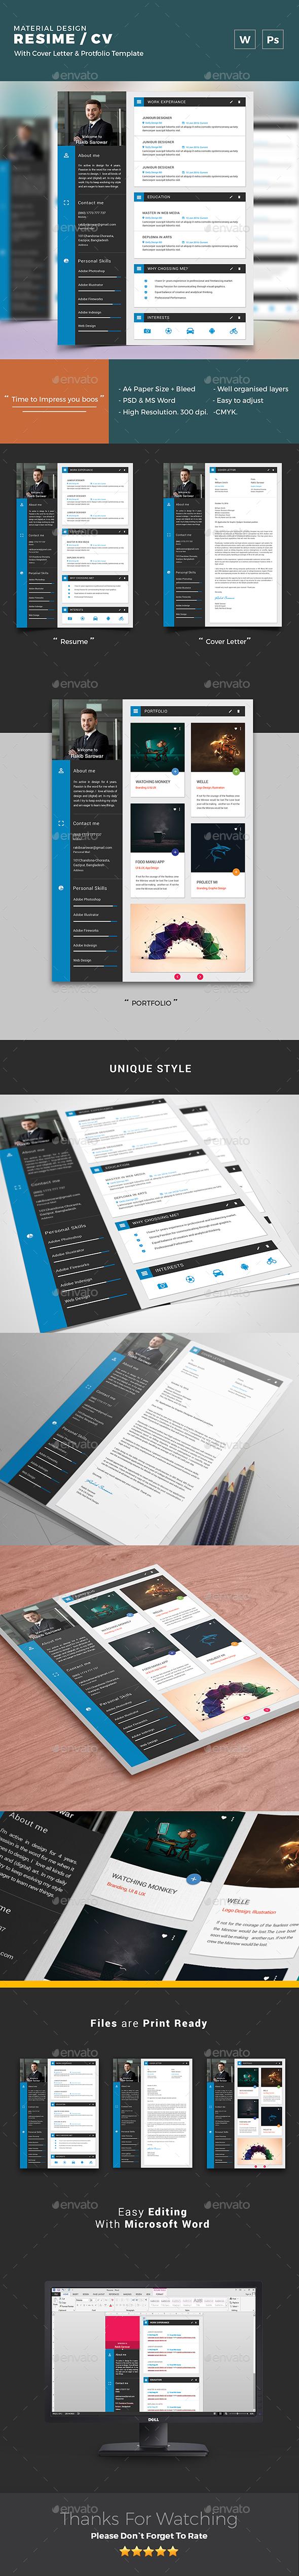 Material Design CV / Resume Vol 02